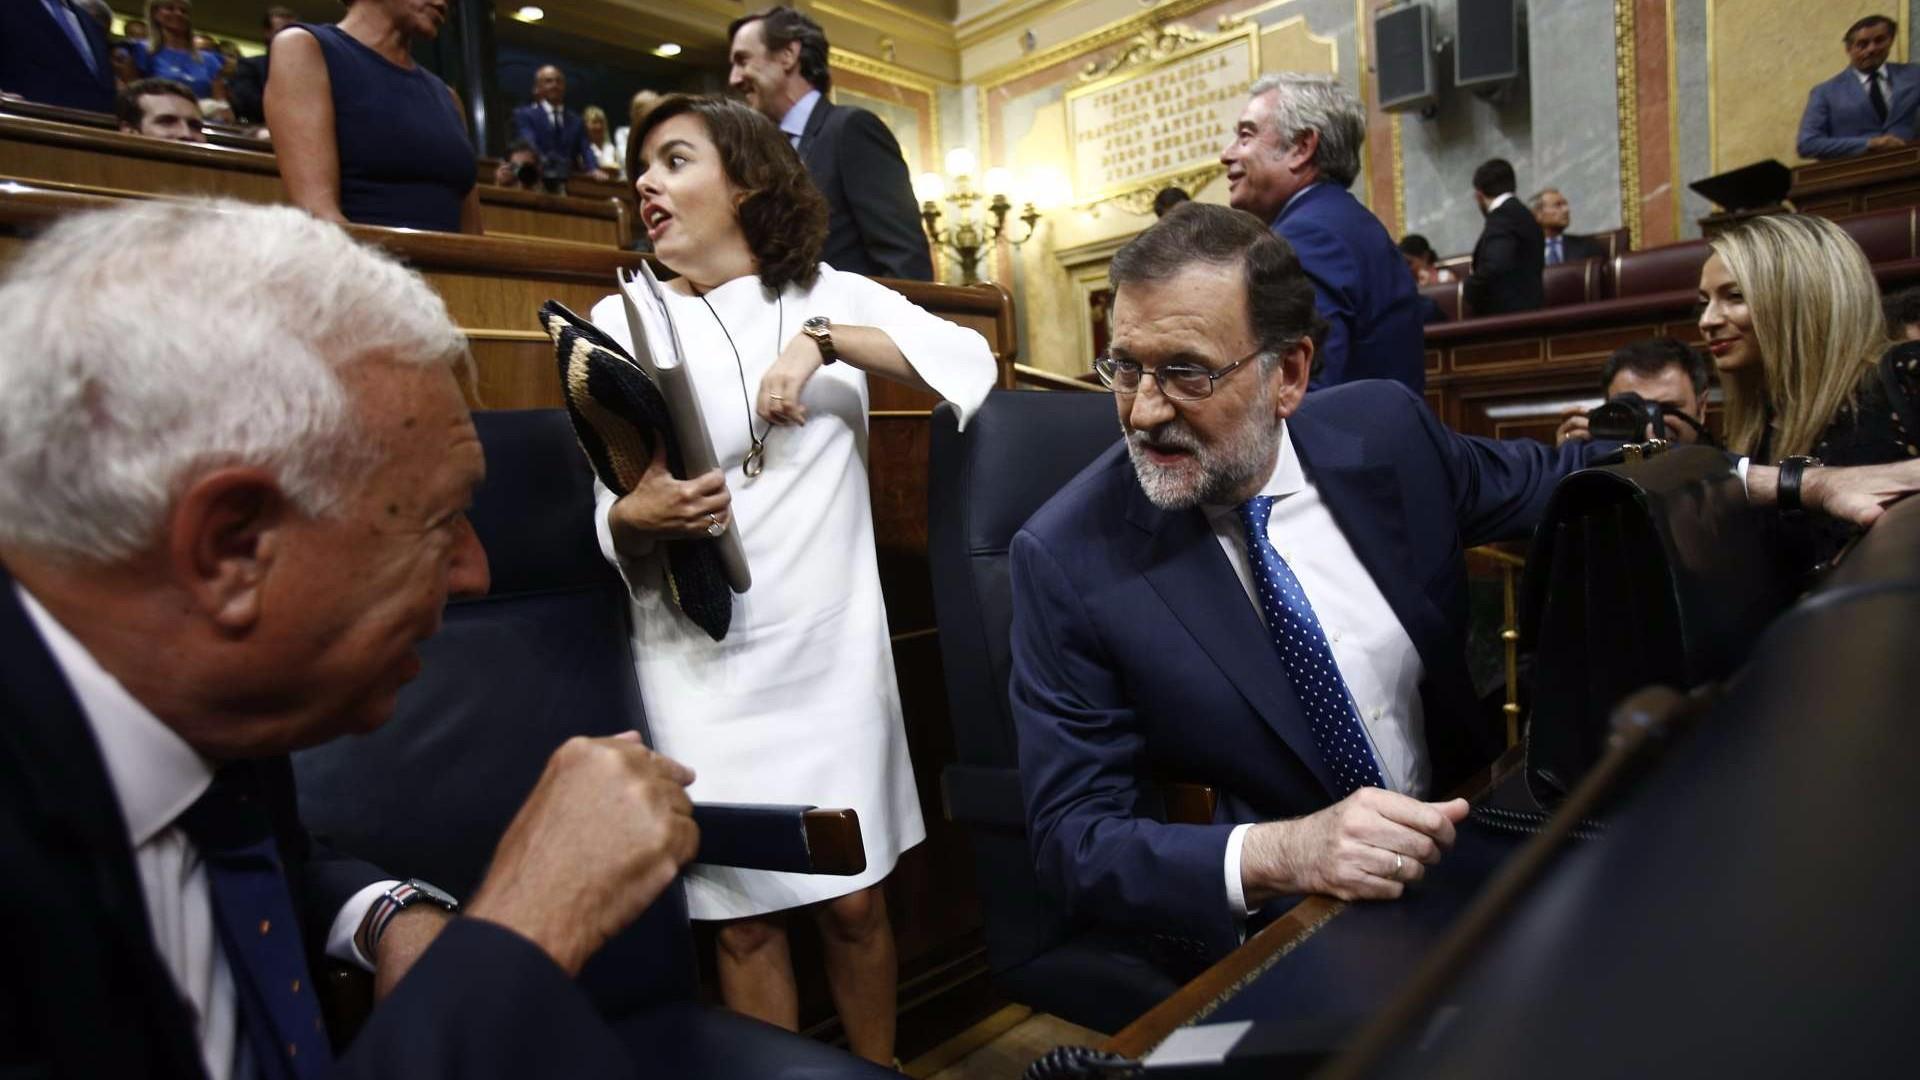 Mariano Rajoy en el Congreso de los Diputados. Europa Press